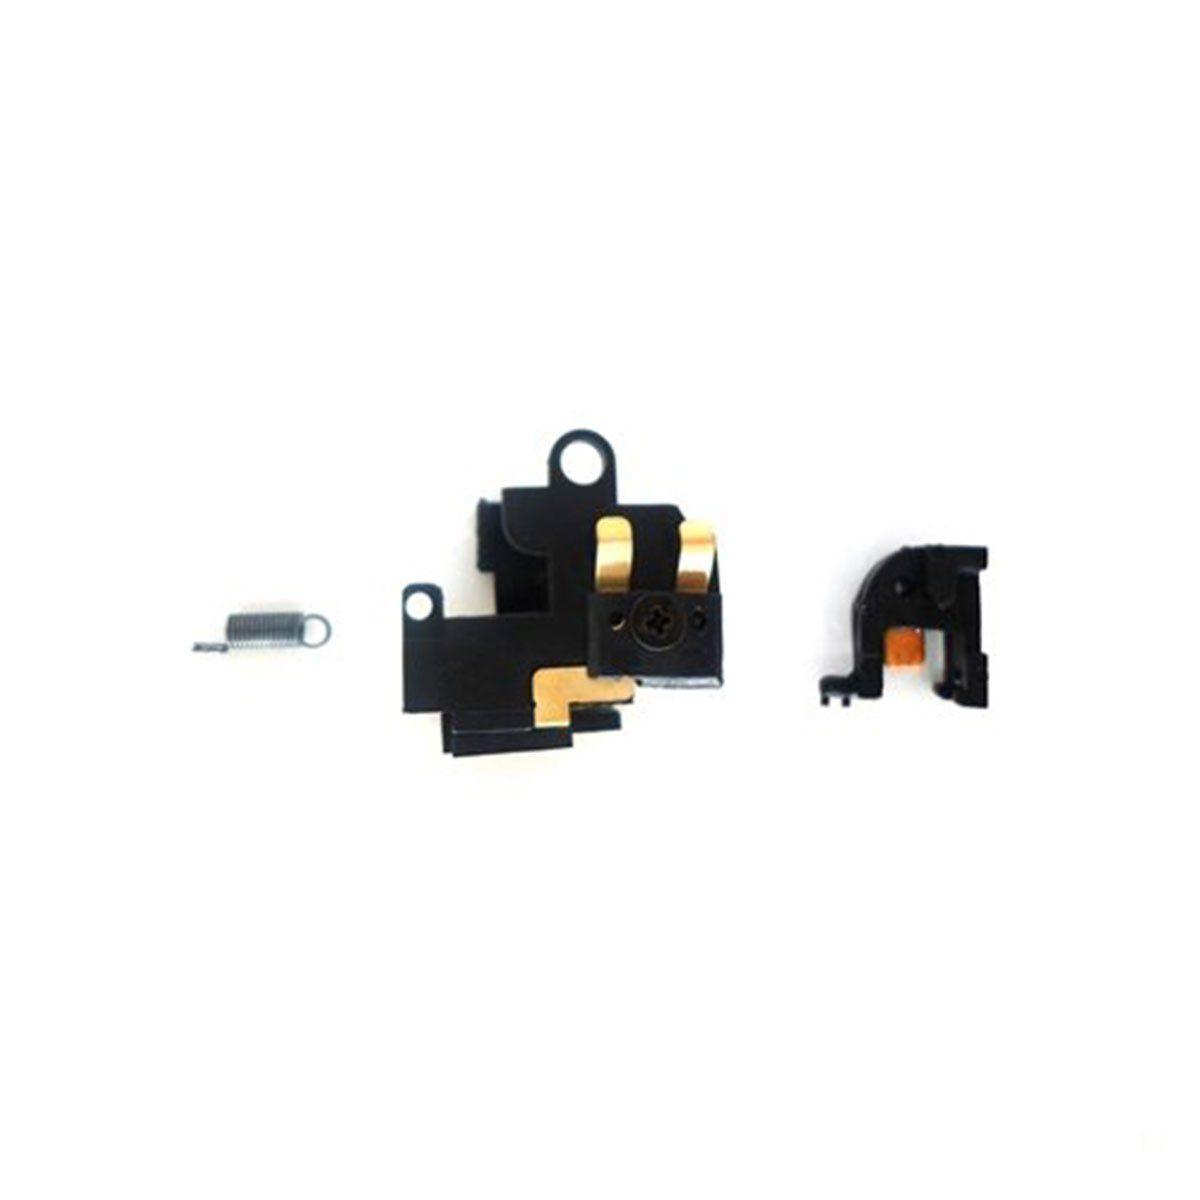 Contato Elétrico de Gatilho Gearbox V2 Cyma